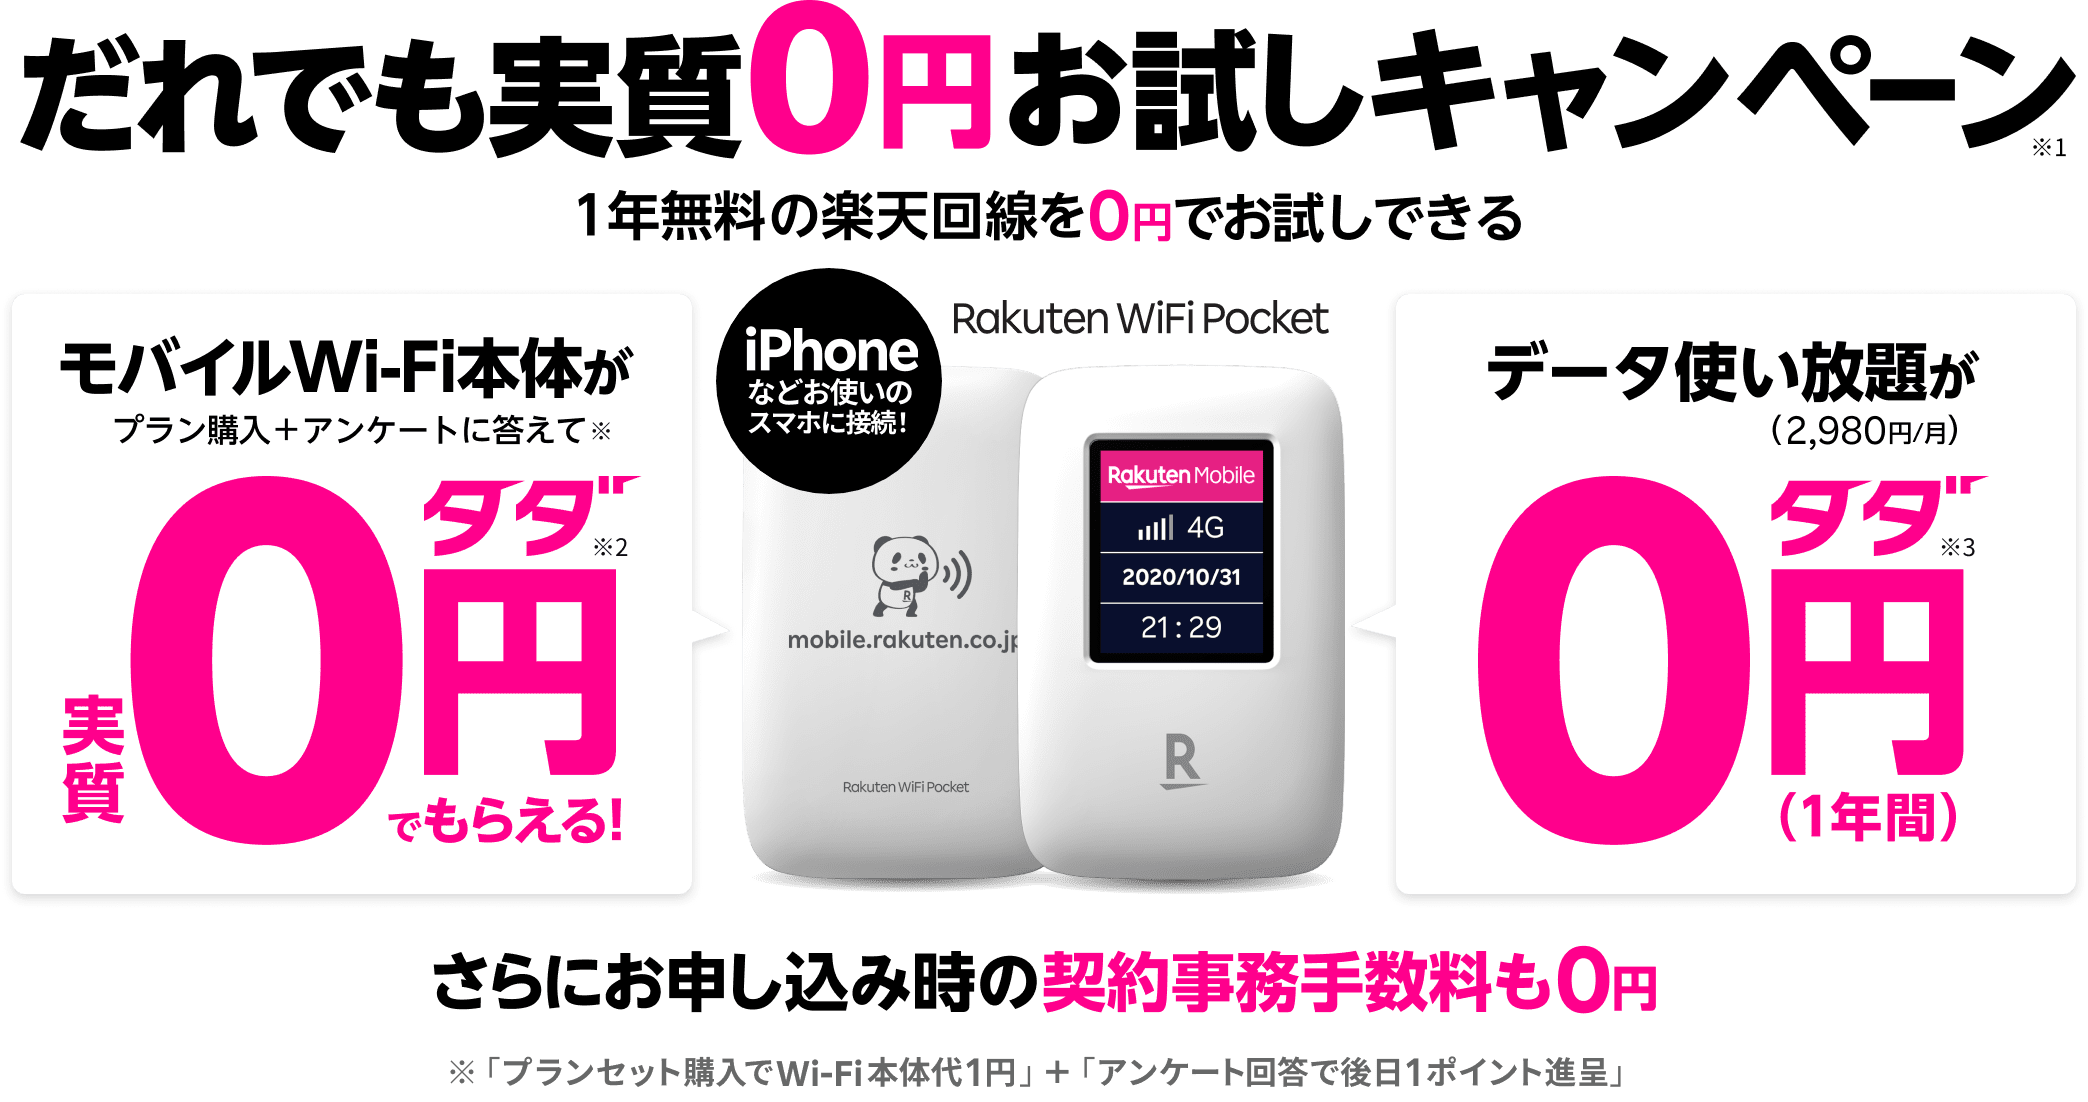 【在庫あり】【テレワークが無料】楽天モバイルでRakuten WiFi Pocketが無料配布。更に5000ポイント貰える。新規は1年間使用料も無料。~4/7。